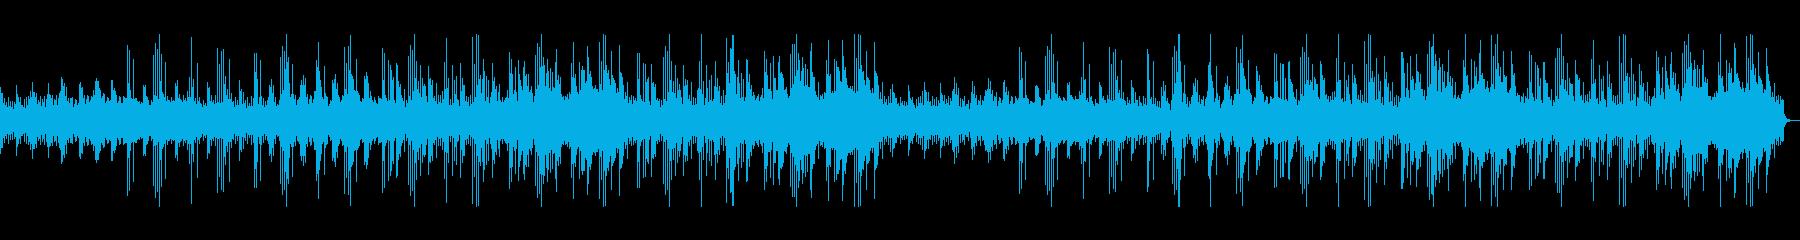 マリンバで始まるほのぼのした雰囲気の曲の再生済みの波形